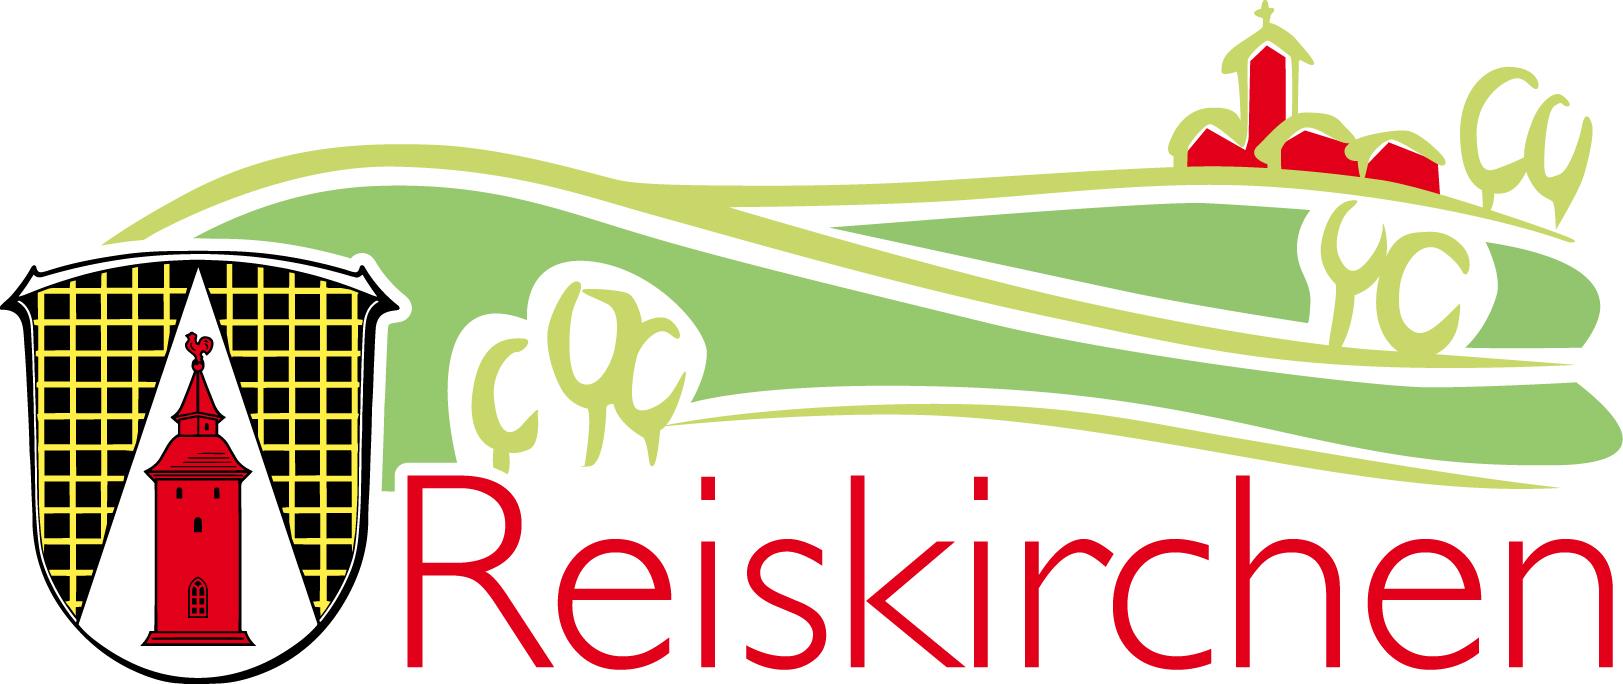 Gemeinde Reiskirchen.